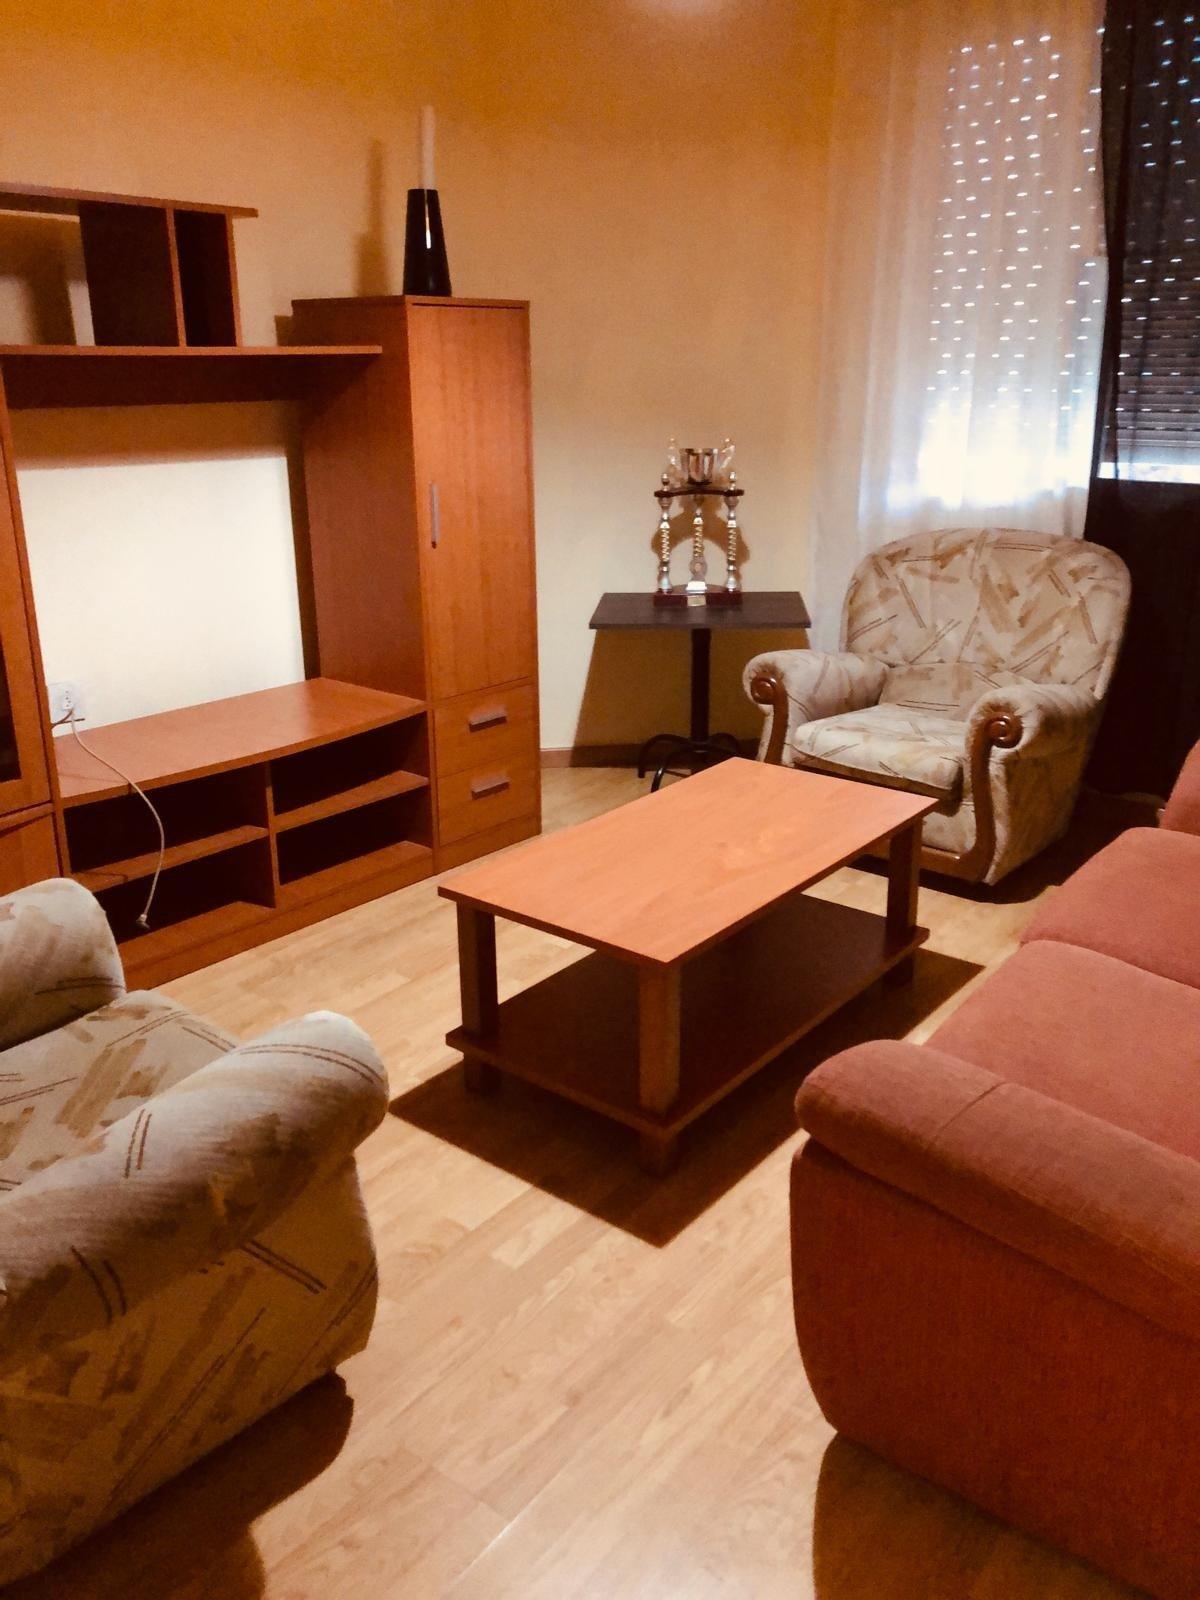 Apartamento en alquiler en Cuatrovientos, Ponferrada